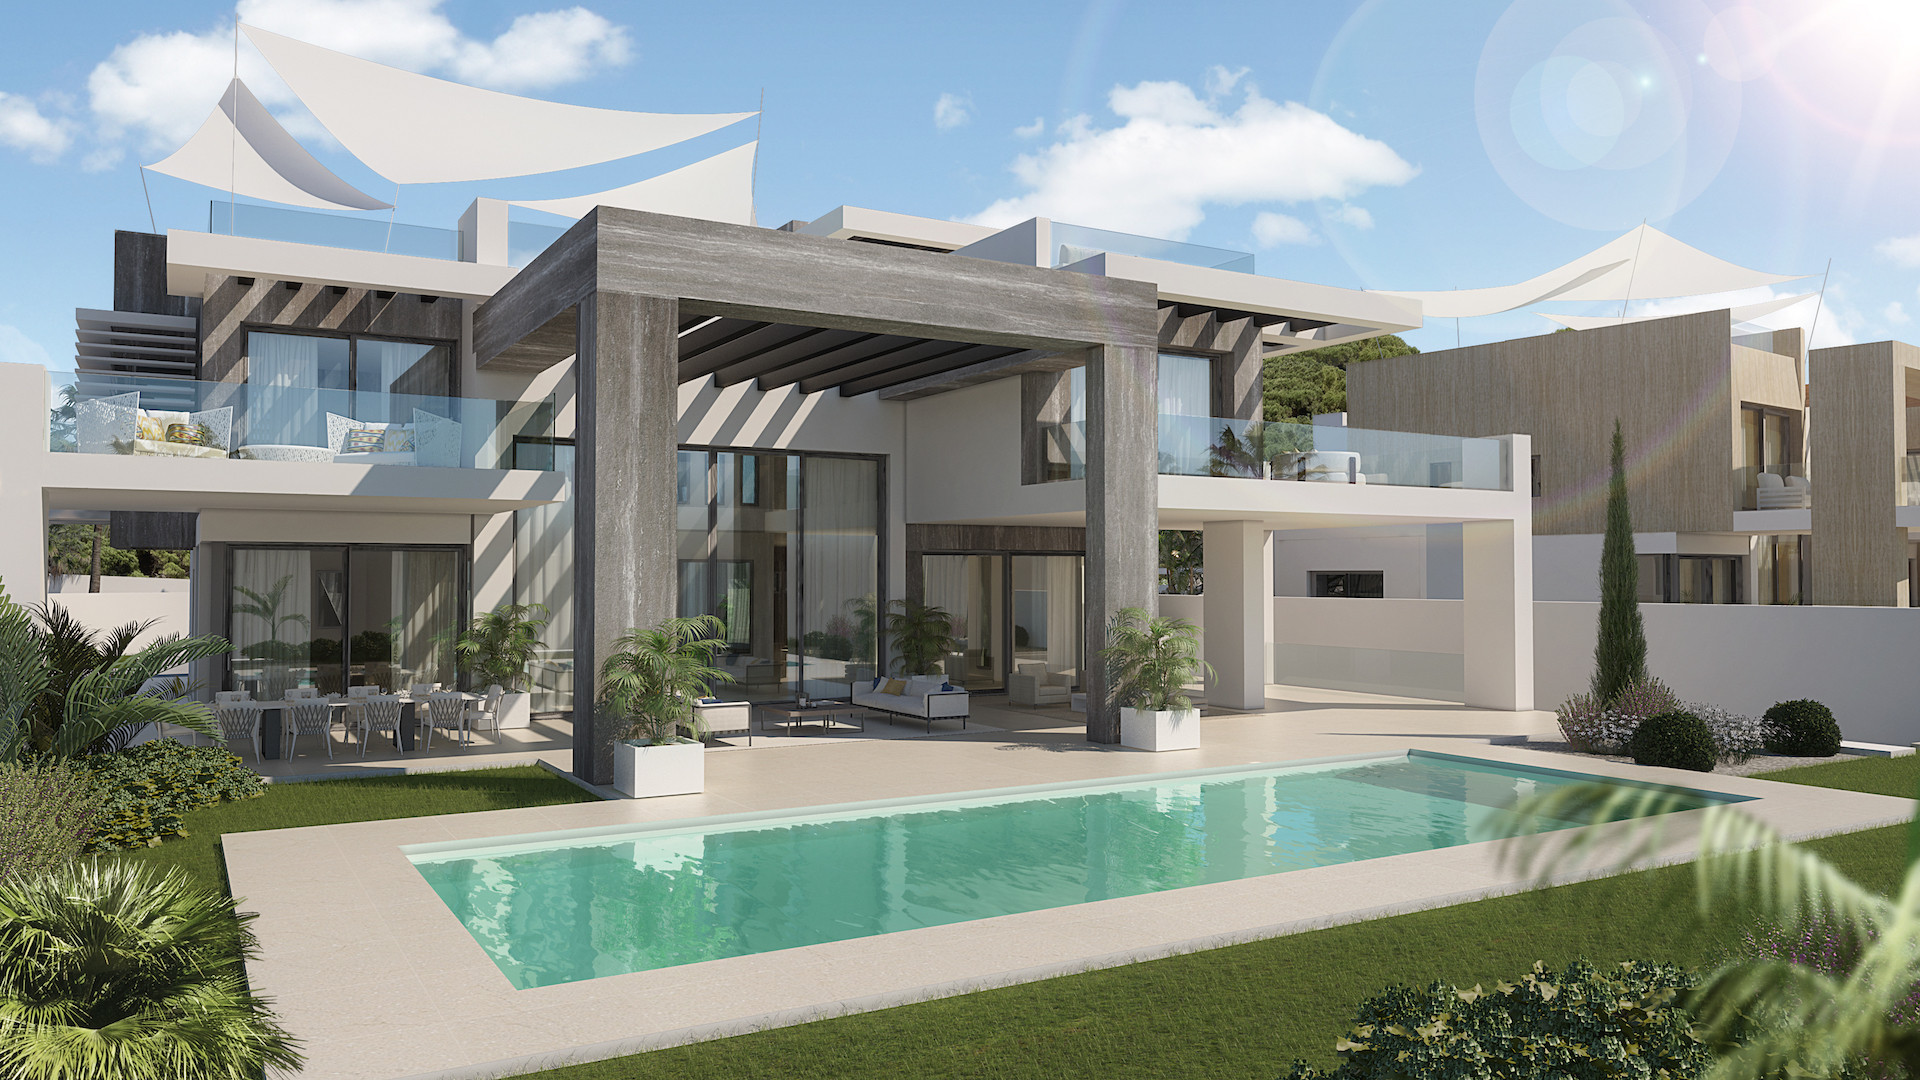 ARFV2010 - Zwei fantanstische Luxus Villen in Rocio de Nagueles in Marbella zum Verauf